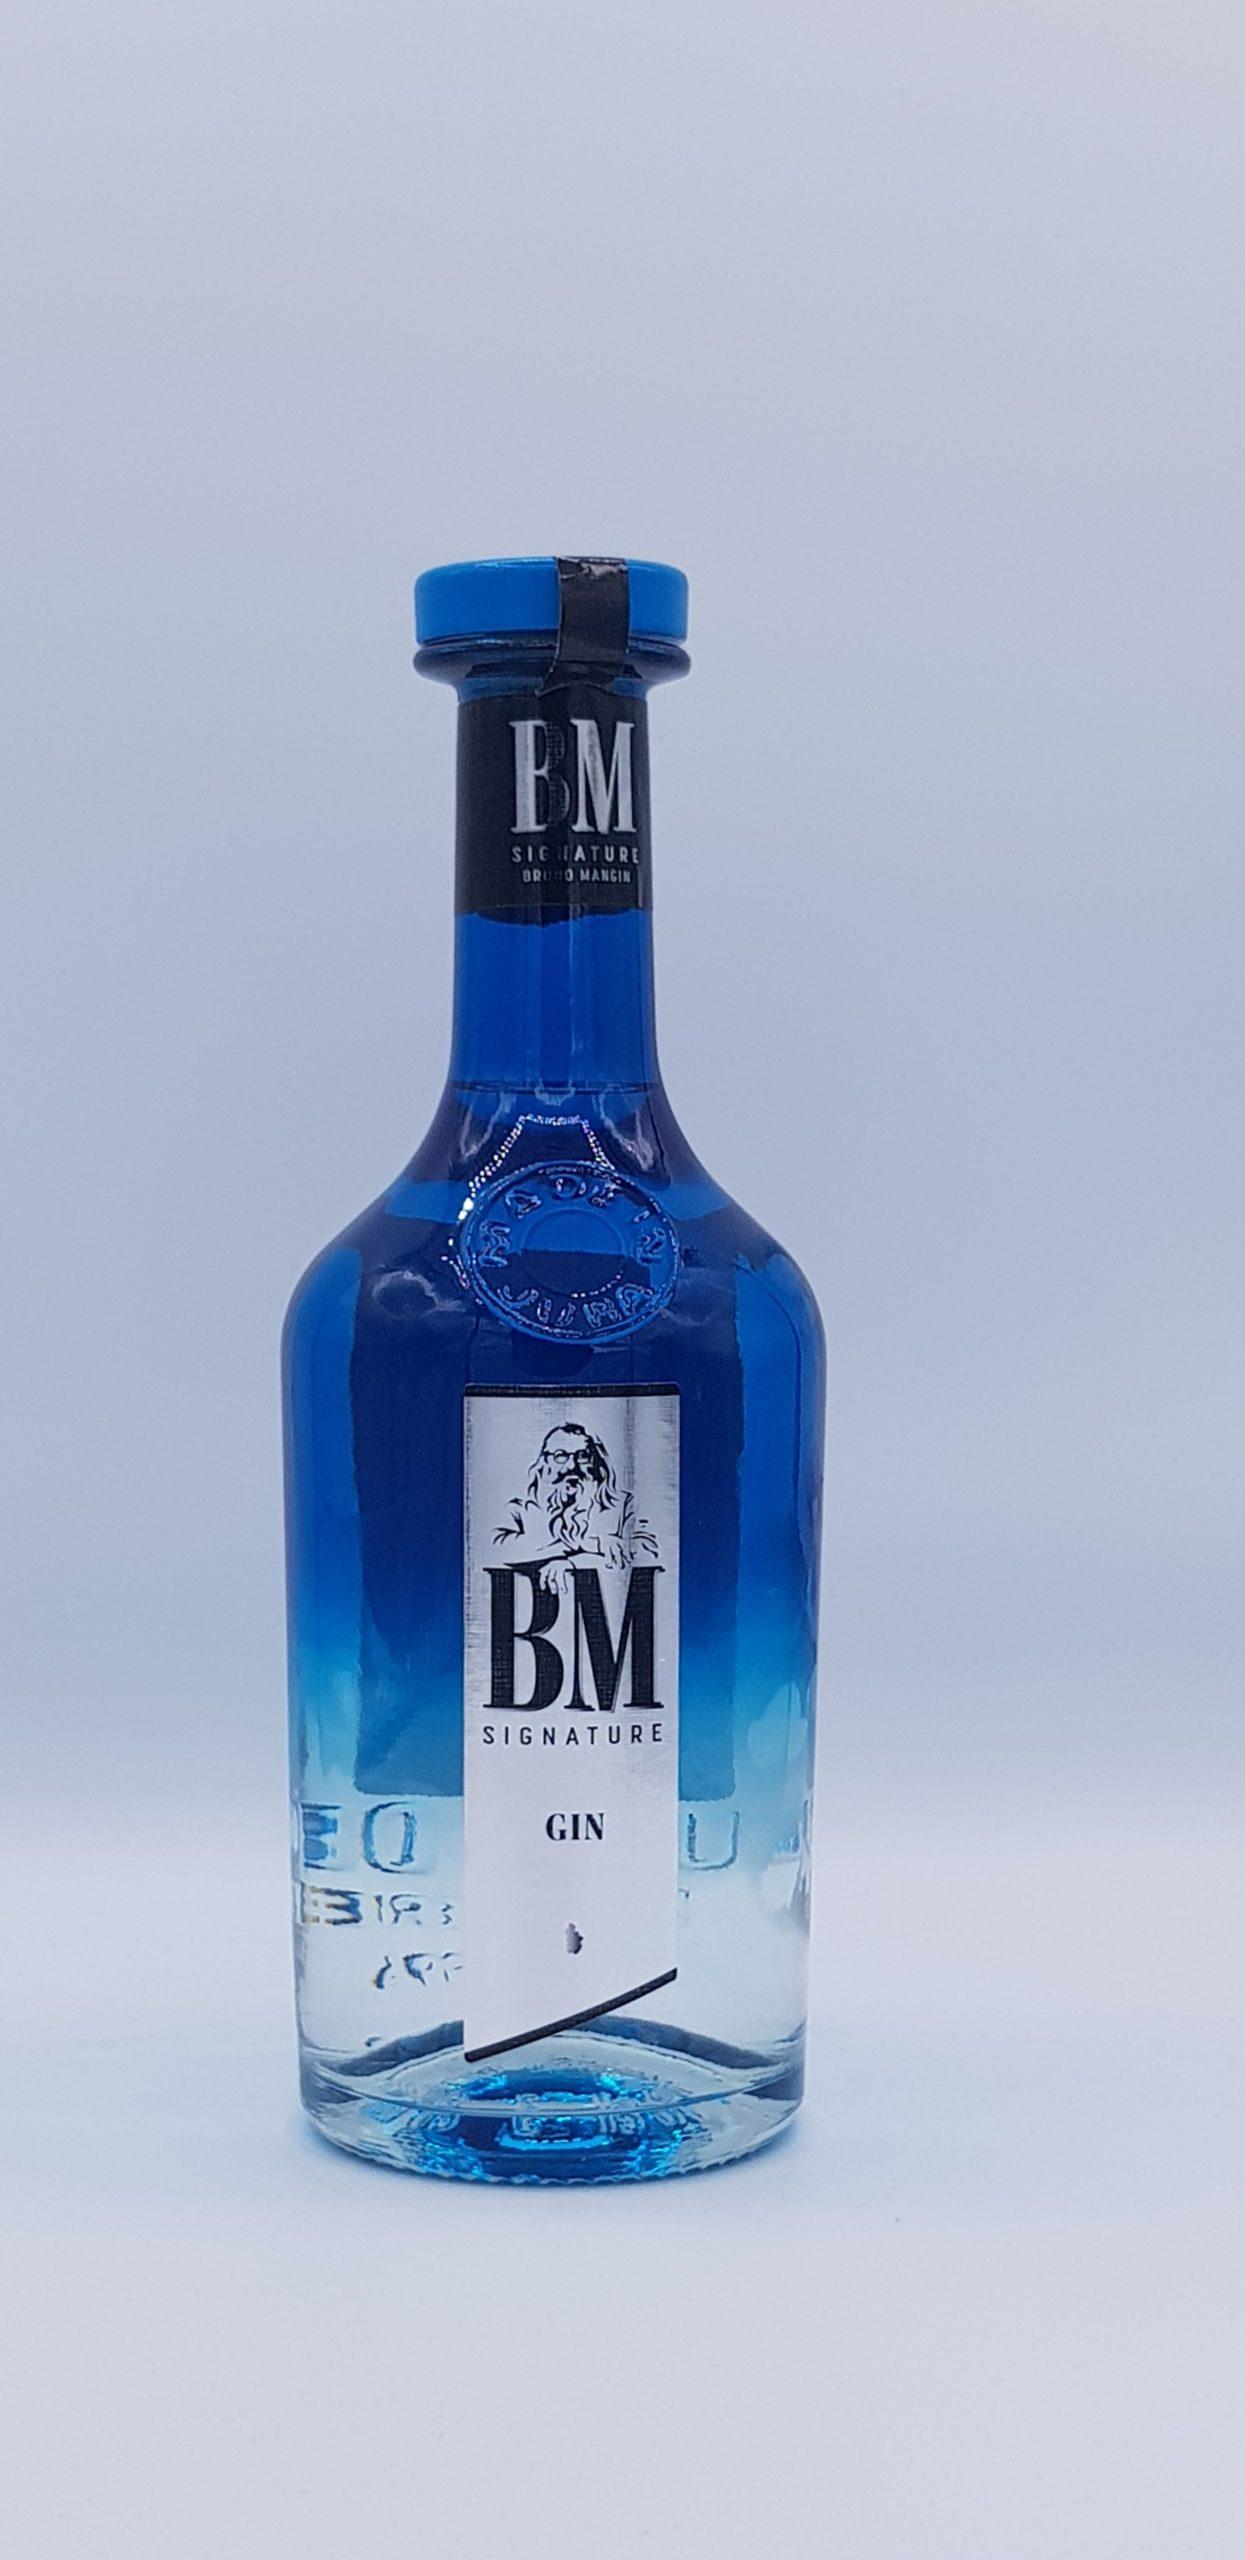 Gin BM Signature